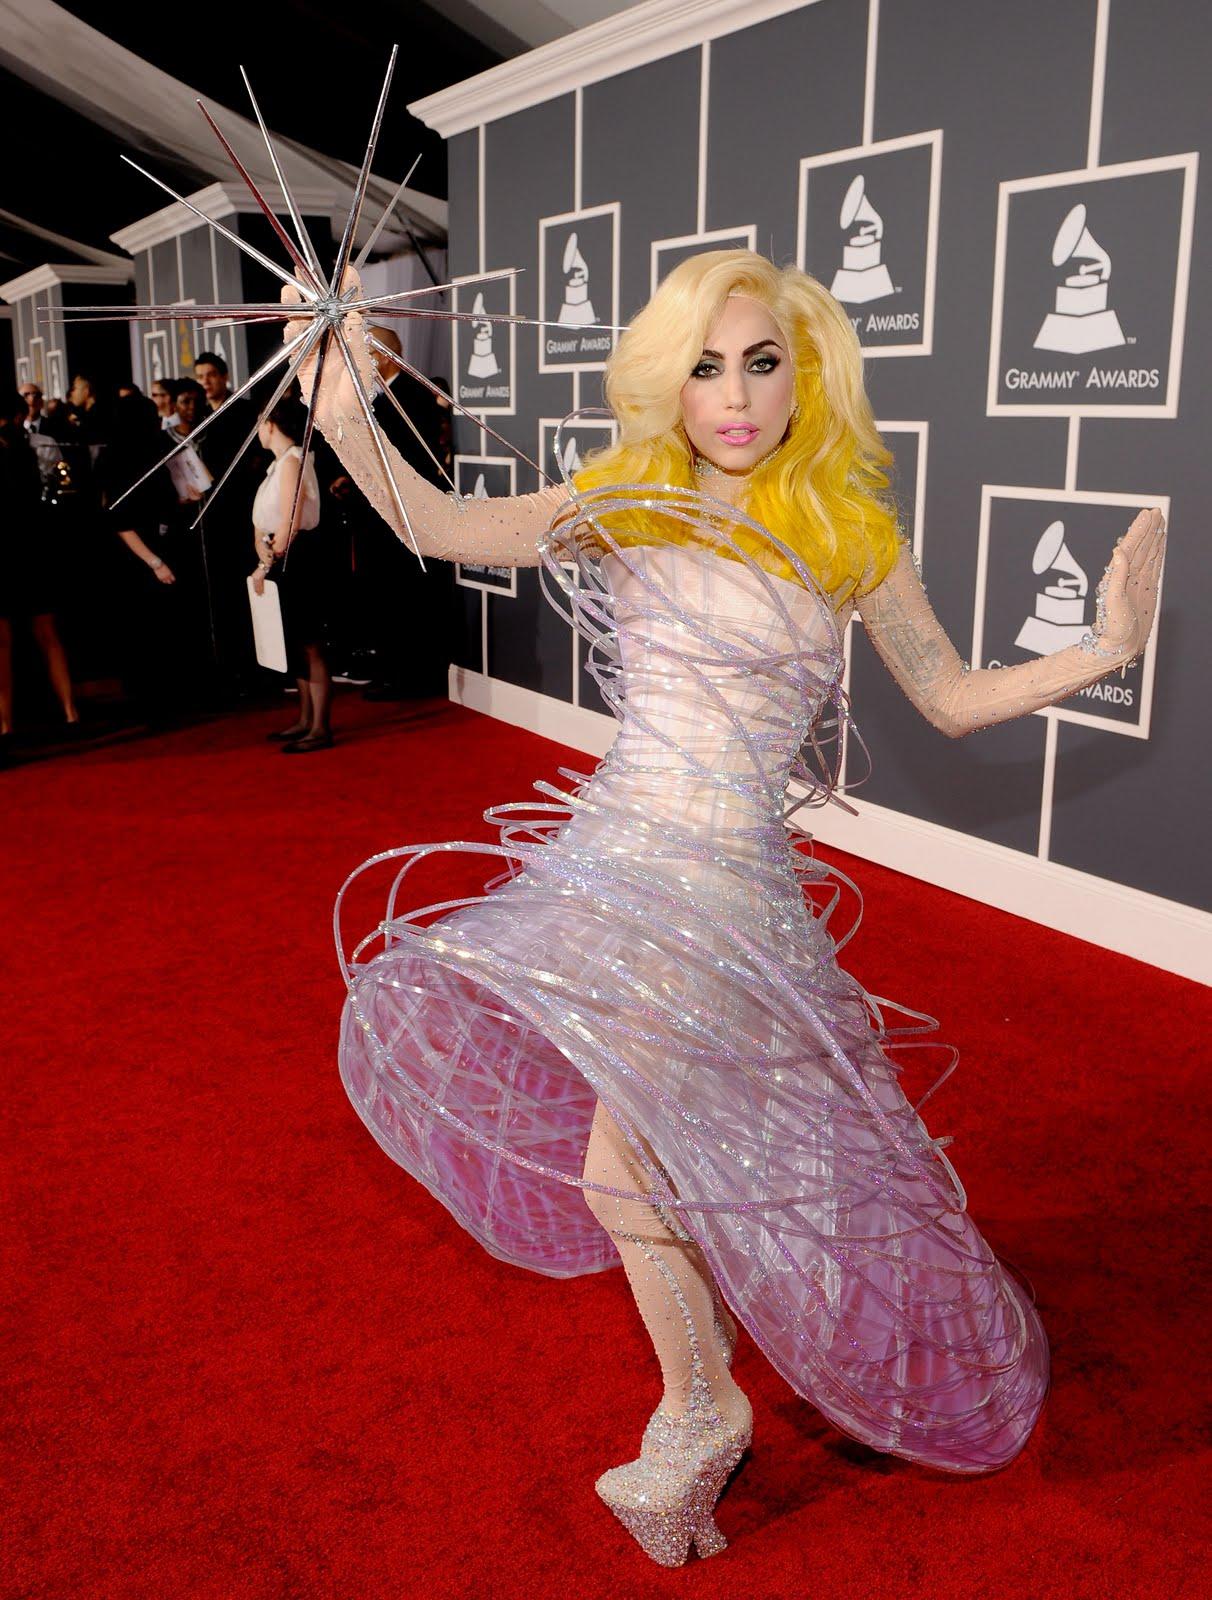 http://1.bp.blogspot.com/-4XI17HdAZws/TcV-q-1vY2I/AAAAAAAAAnw/DFTdLTB2jPY/s1600/Lady-Gaga-Grammy.jpg